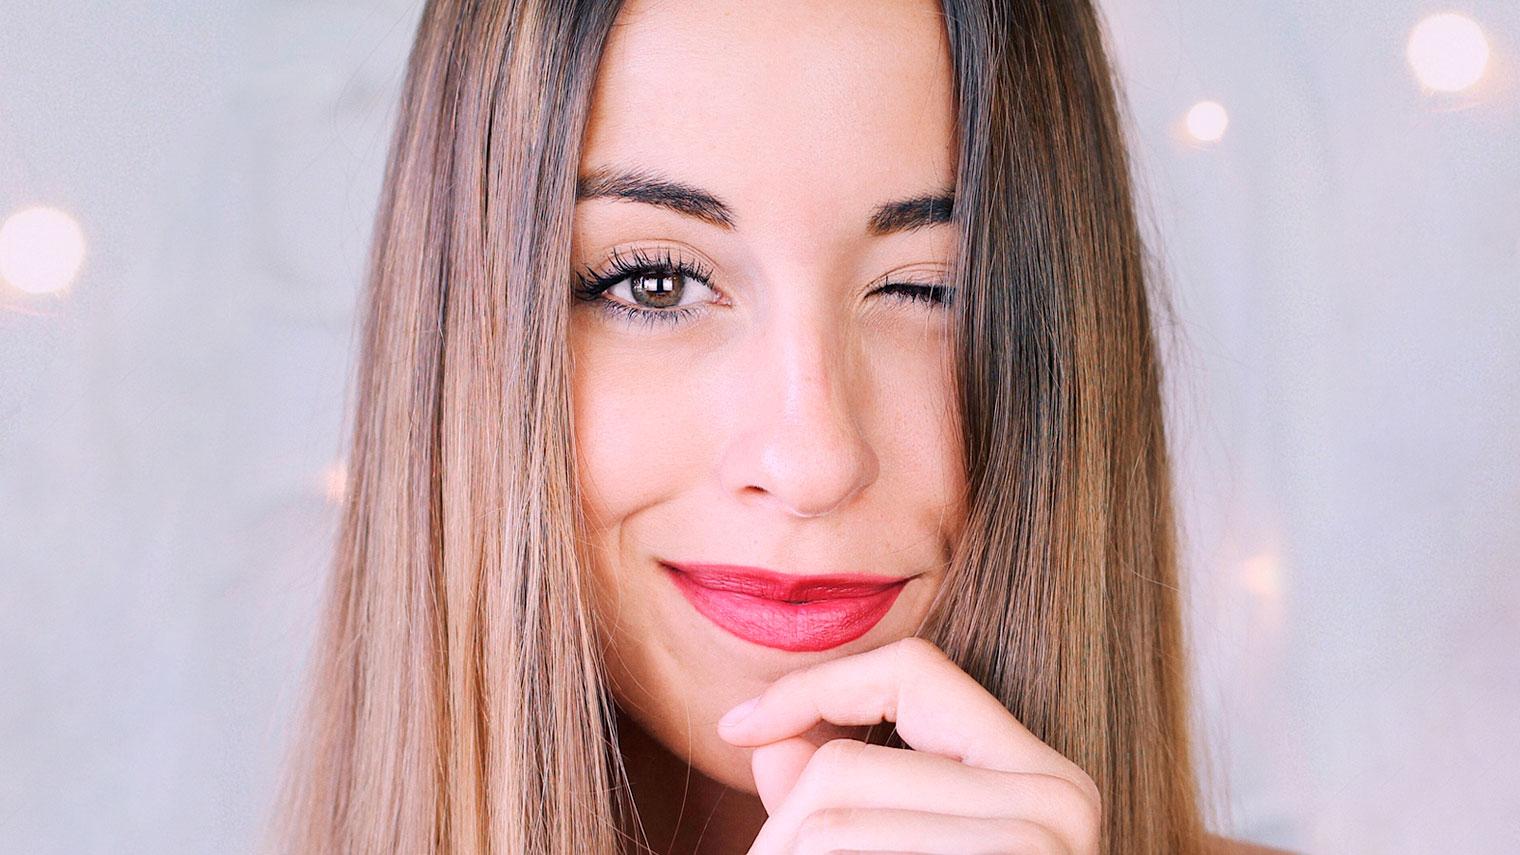 Paula-Gonu-Personas-Guapas-Fragancia-Magasalfa-